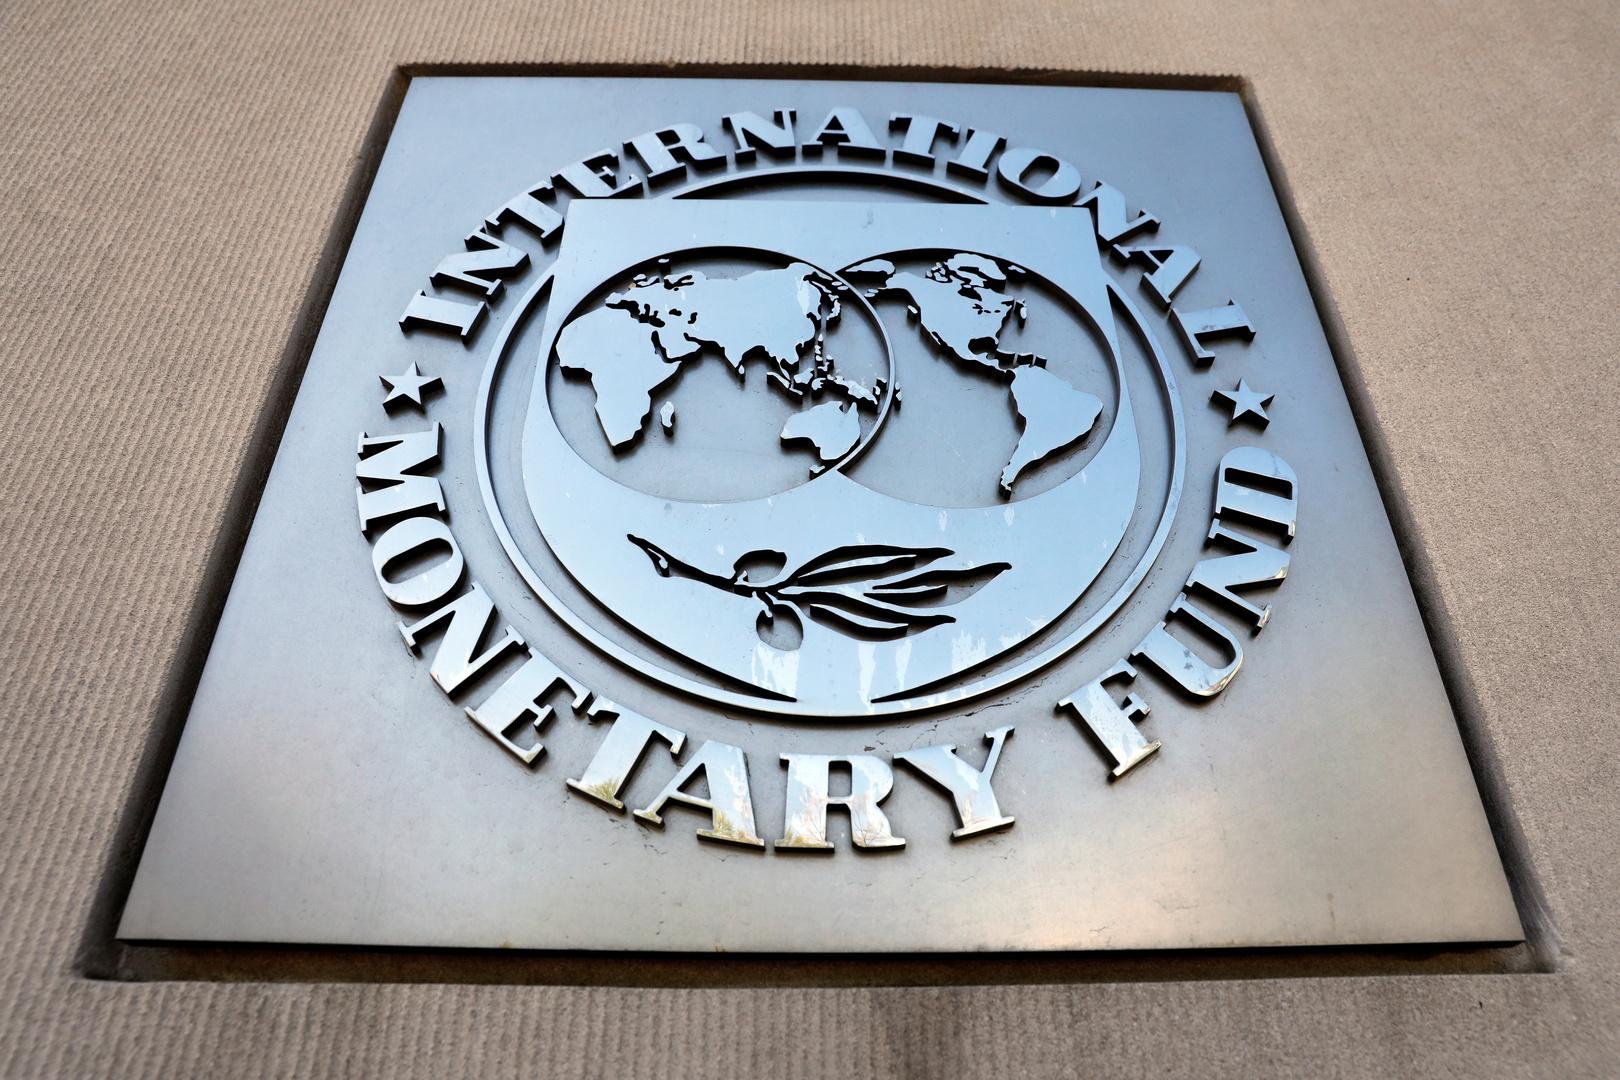 هيئة تحكيم دولية ترفض دعوى شركة كويتية ضد العراق